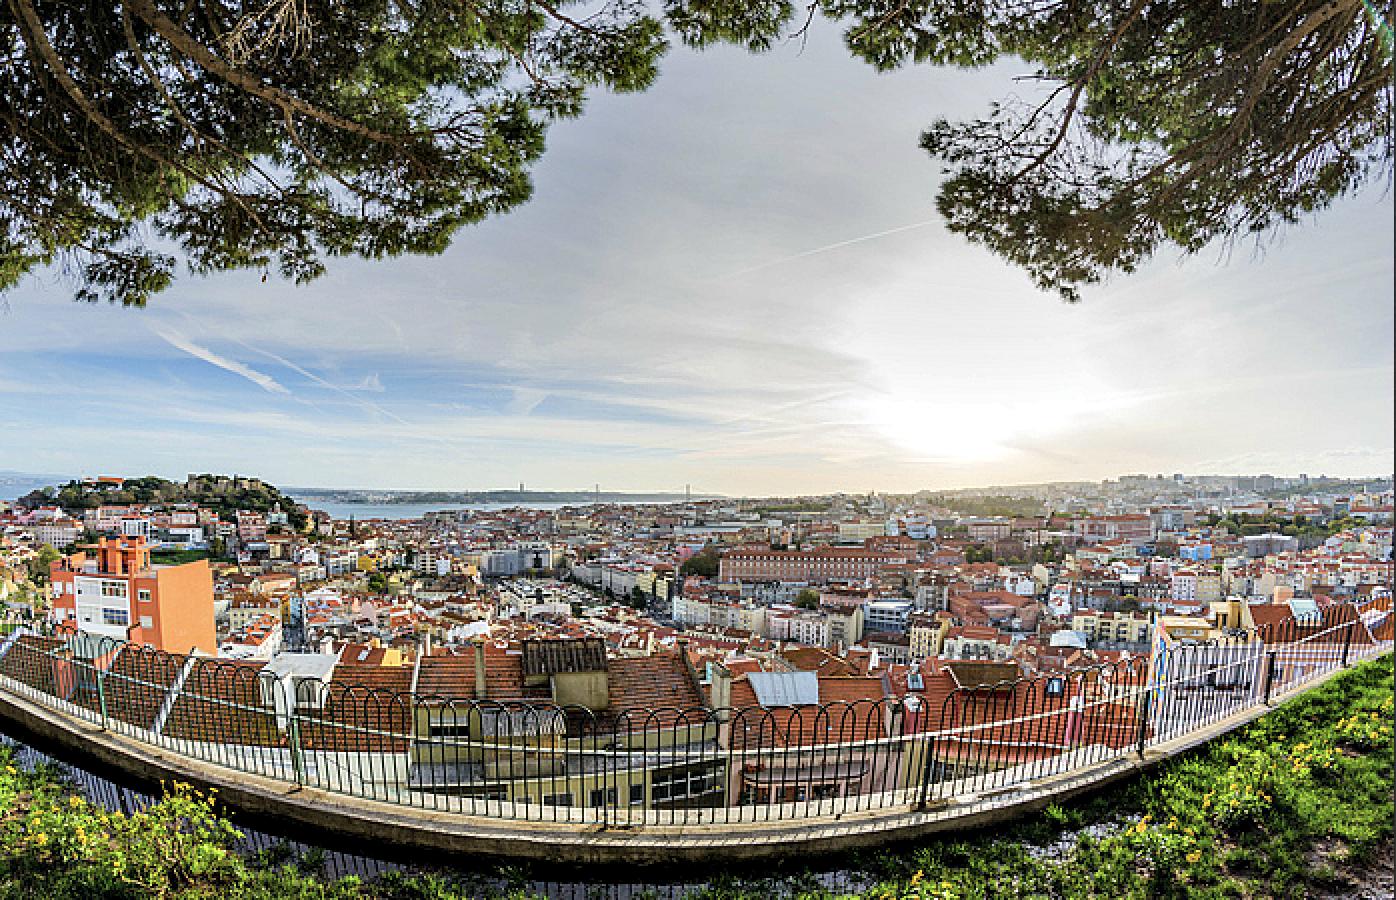 Dos miradouros de Lisboa com uma das melhores vistas sobre a cidade